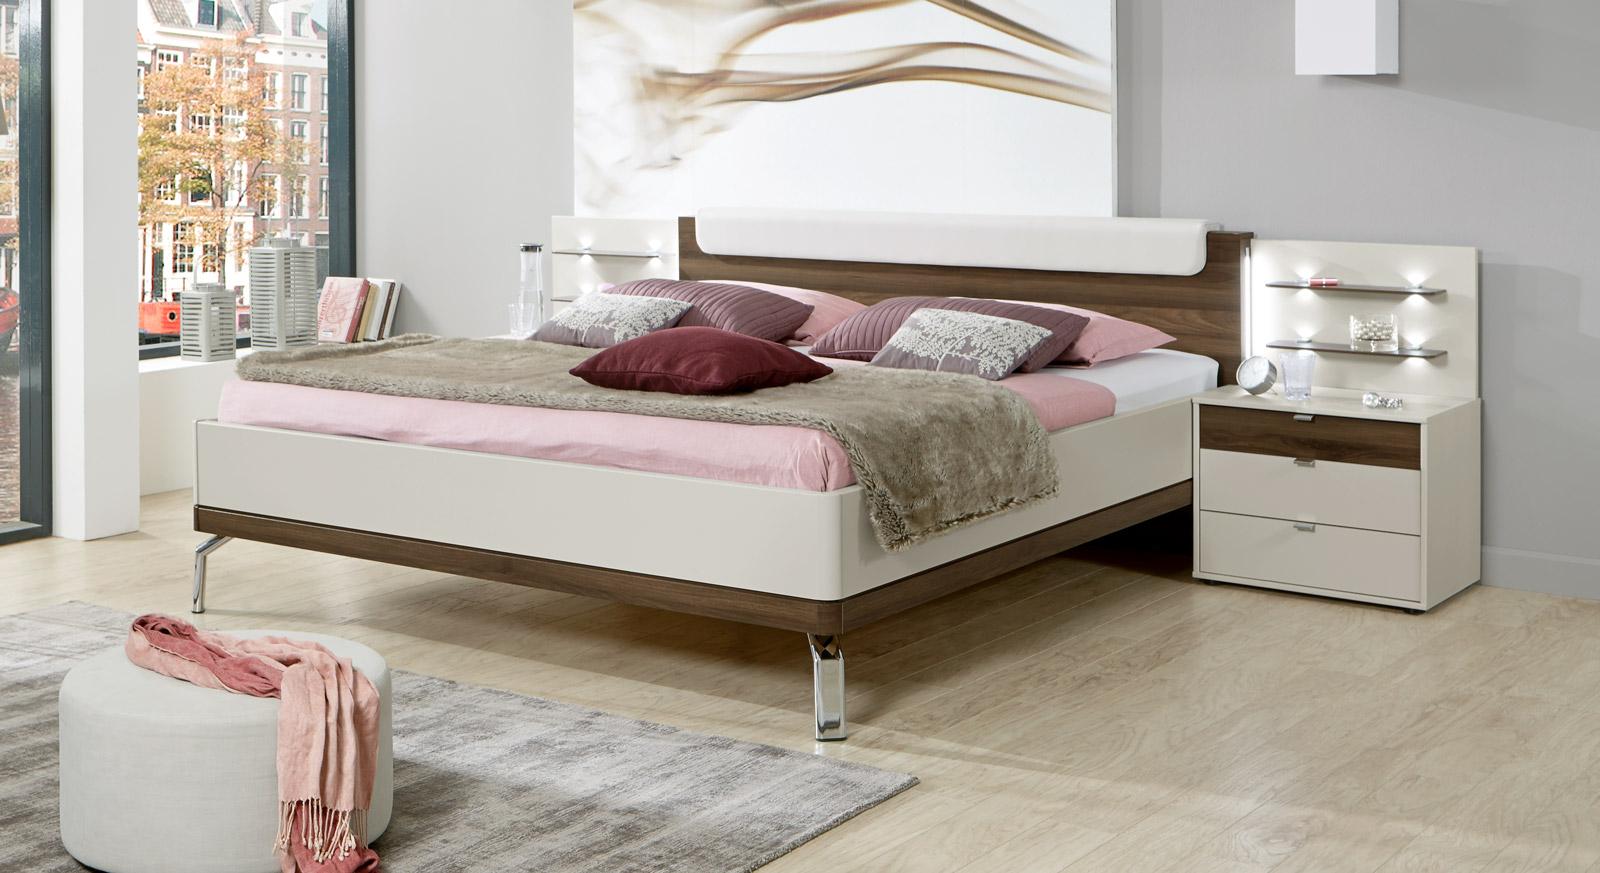 Jugendliches Bett Akola mit einer Bettrahmenhöhe von 48 cm